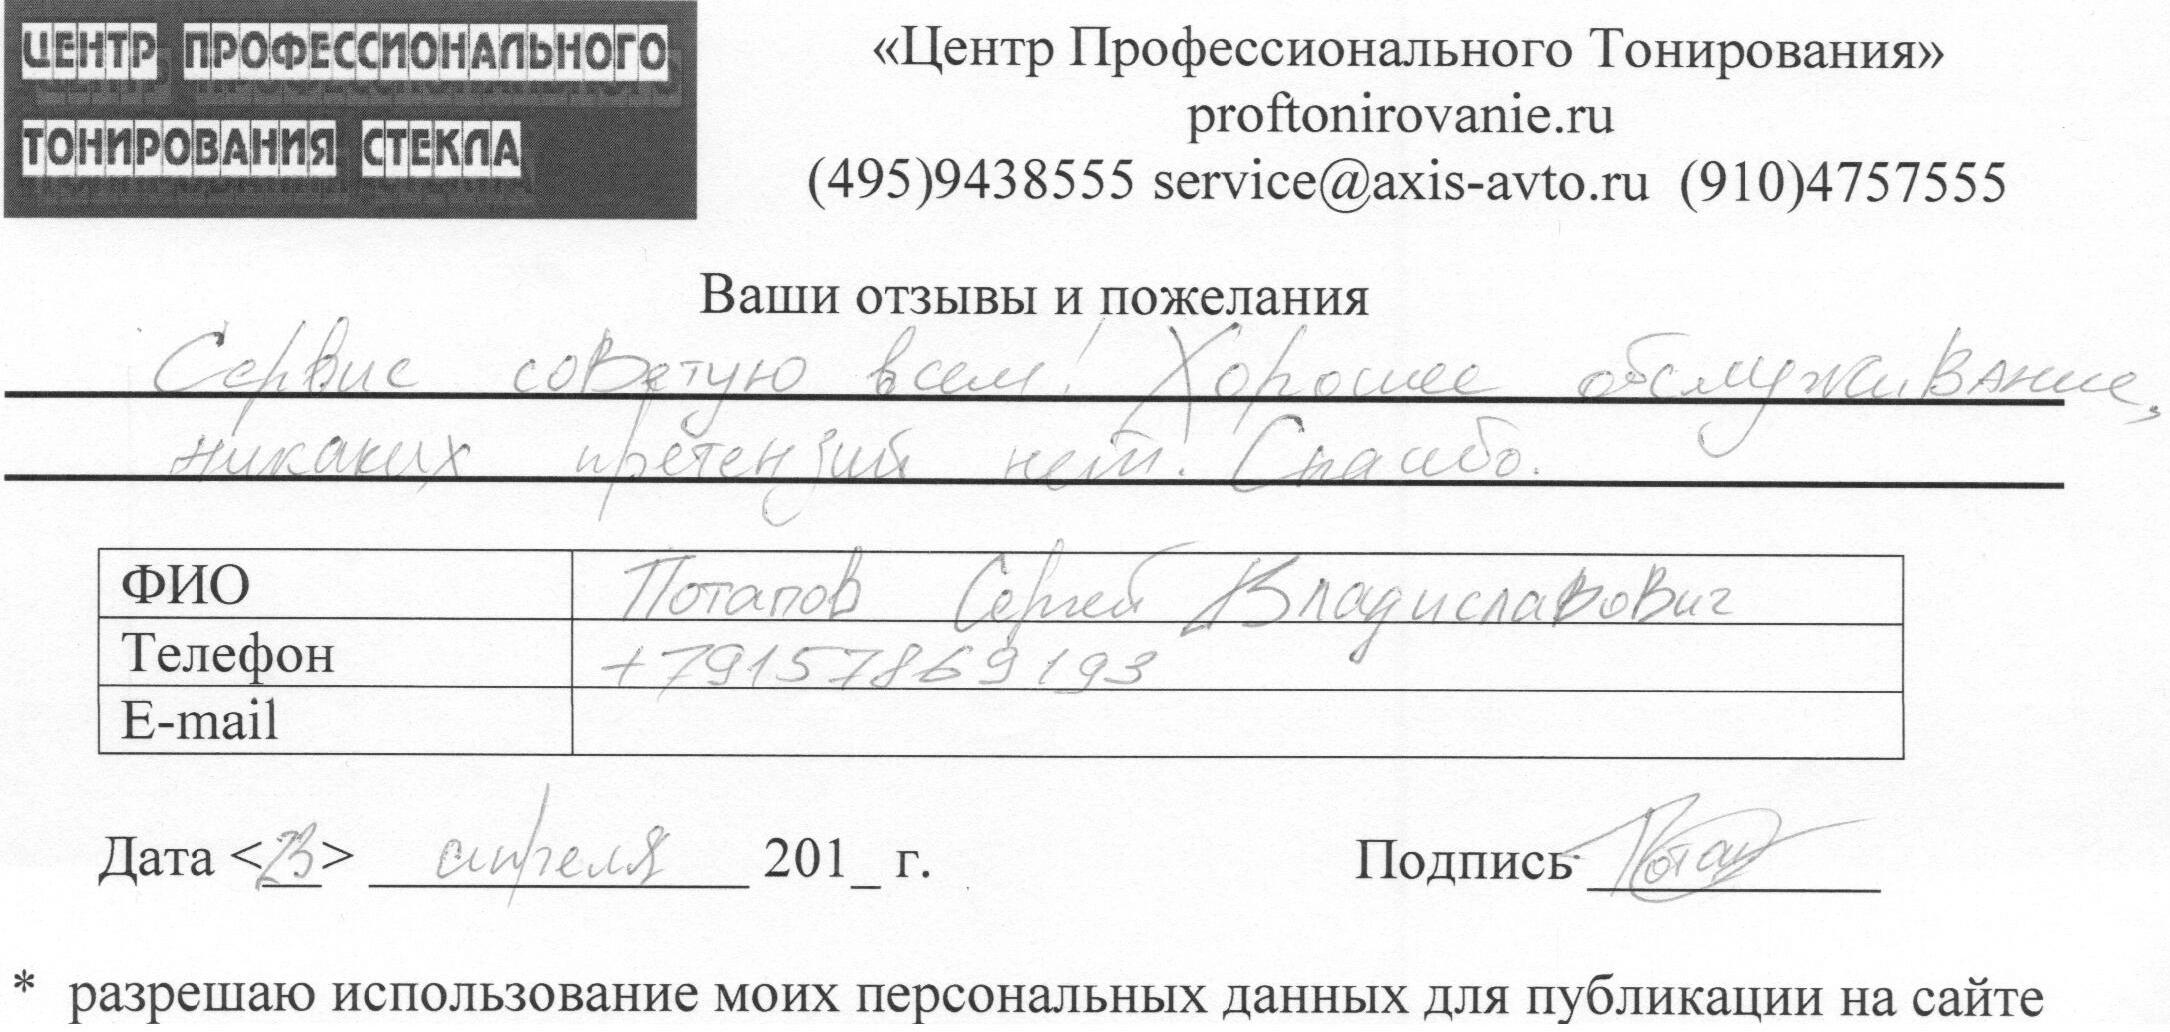 Отзывы из автосервиса_3